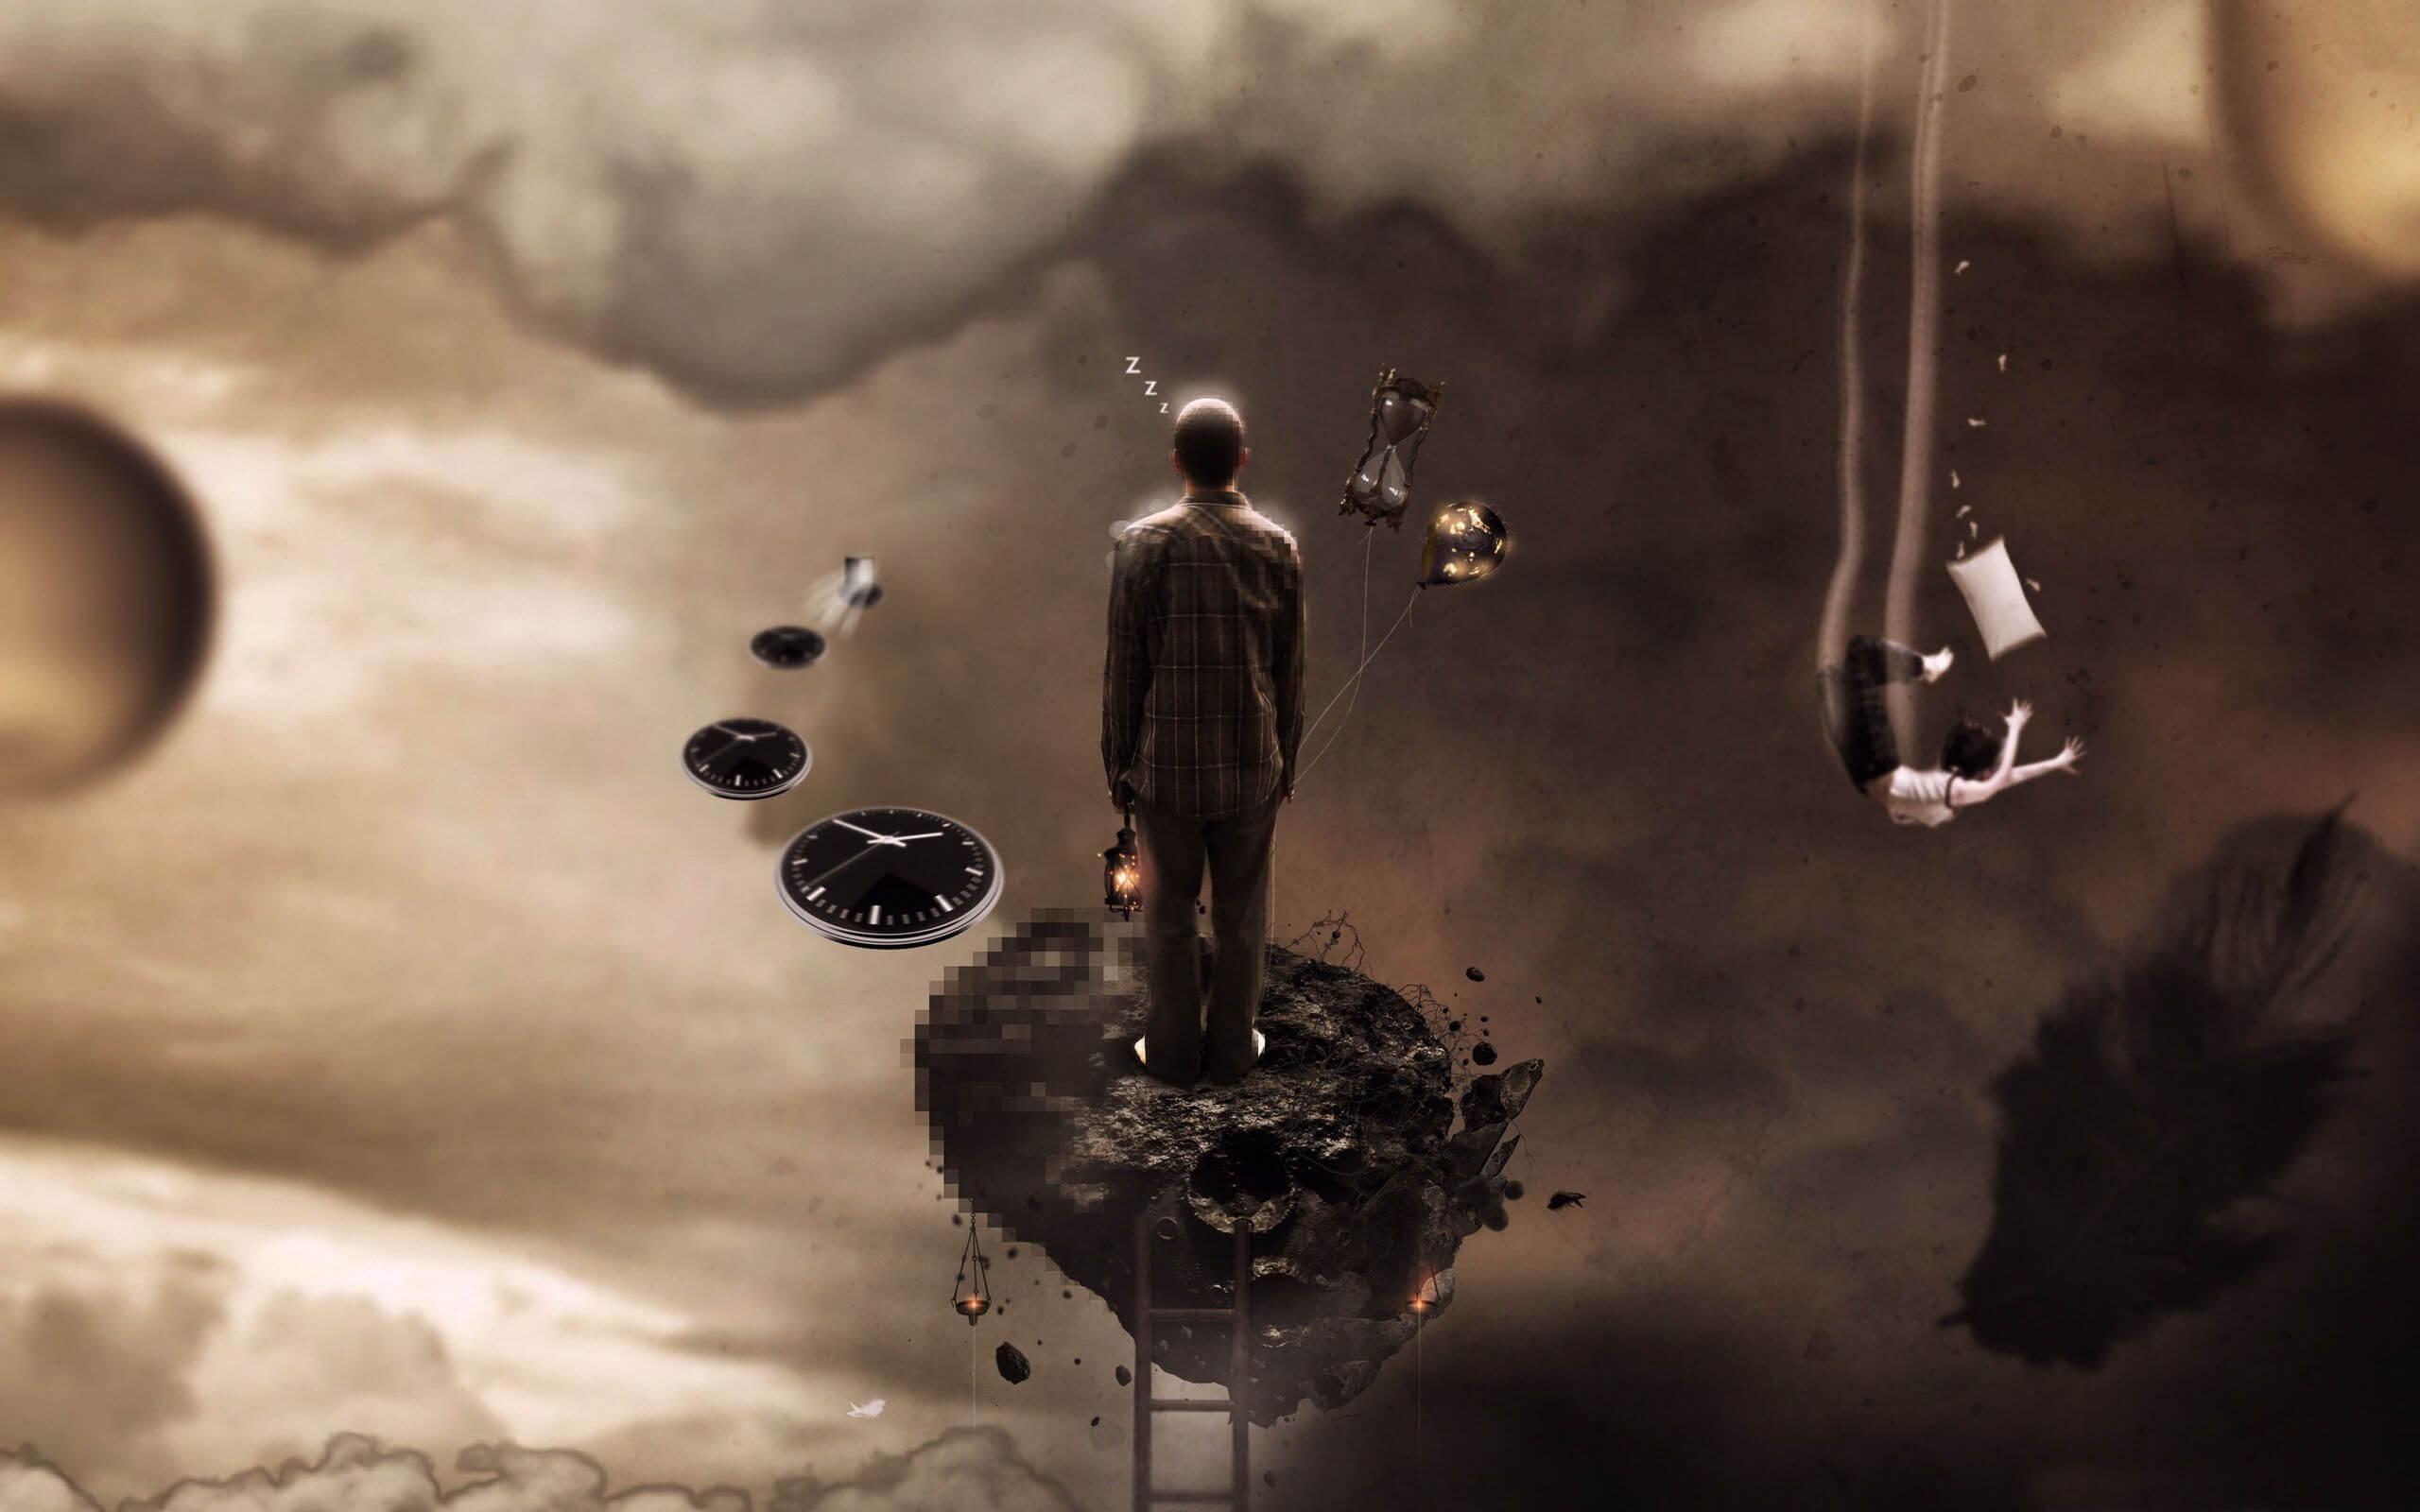 تفسير الأحلام لابن سيرين و أشهر الدلالات في الأحلام تريندات